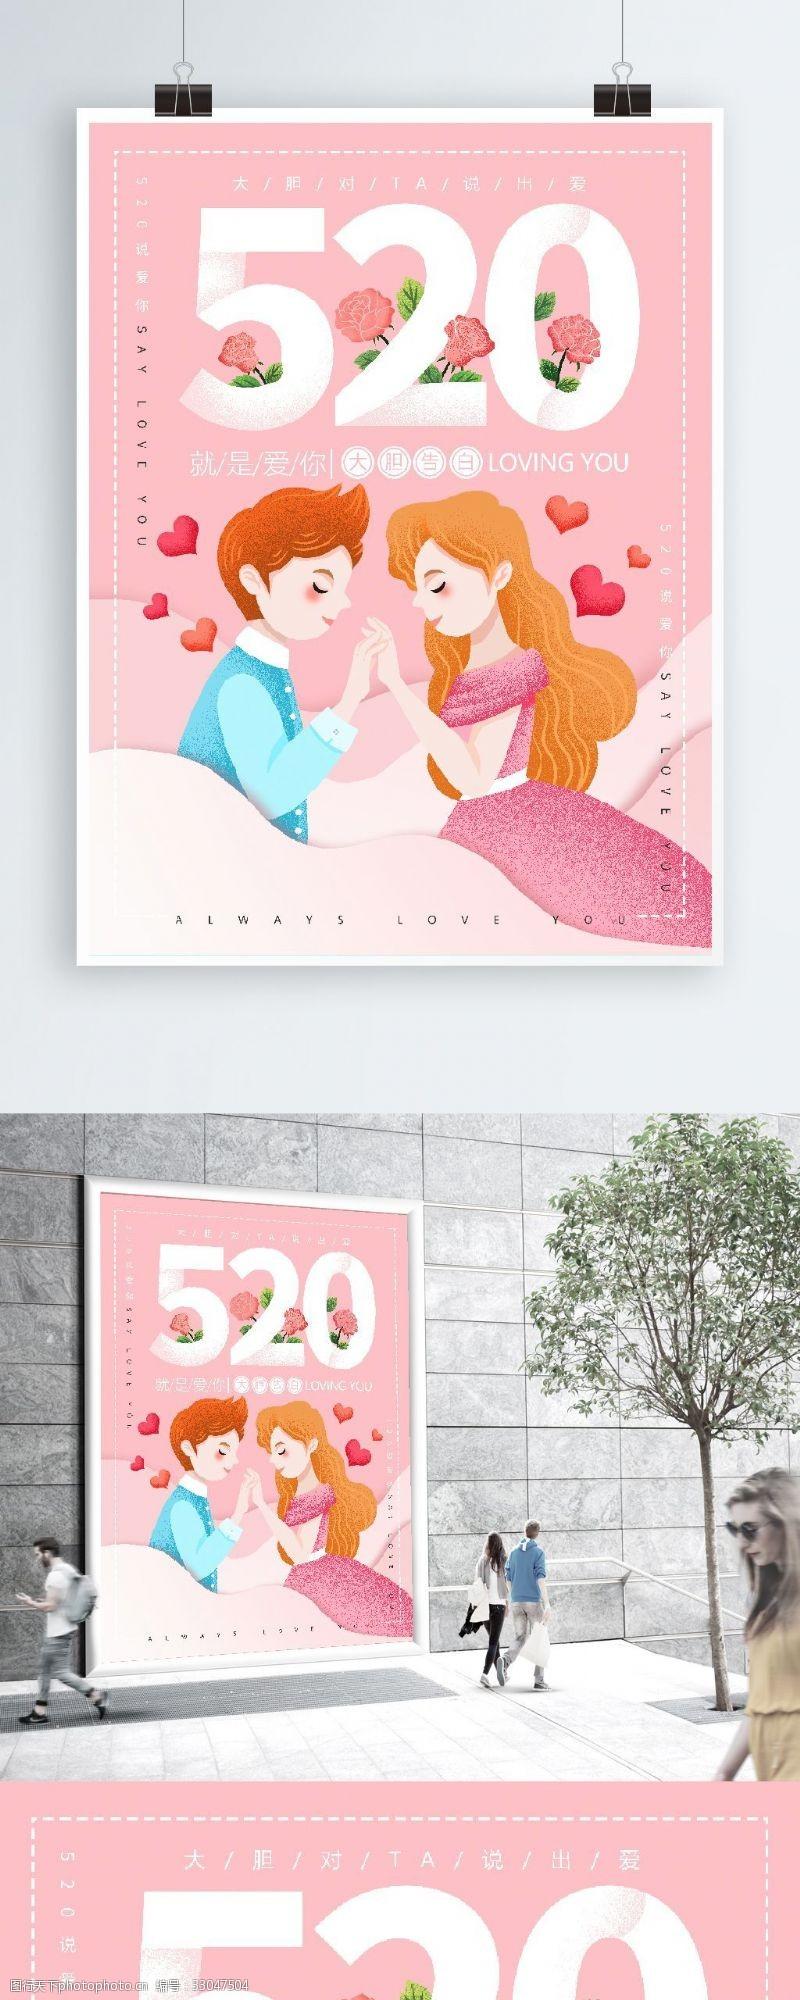 原創插畫520情人節浪漫情侶海報